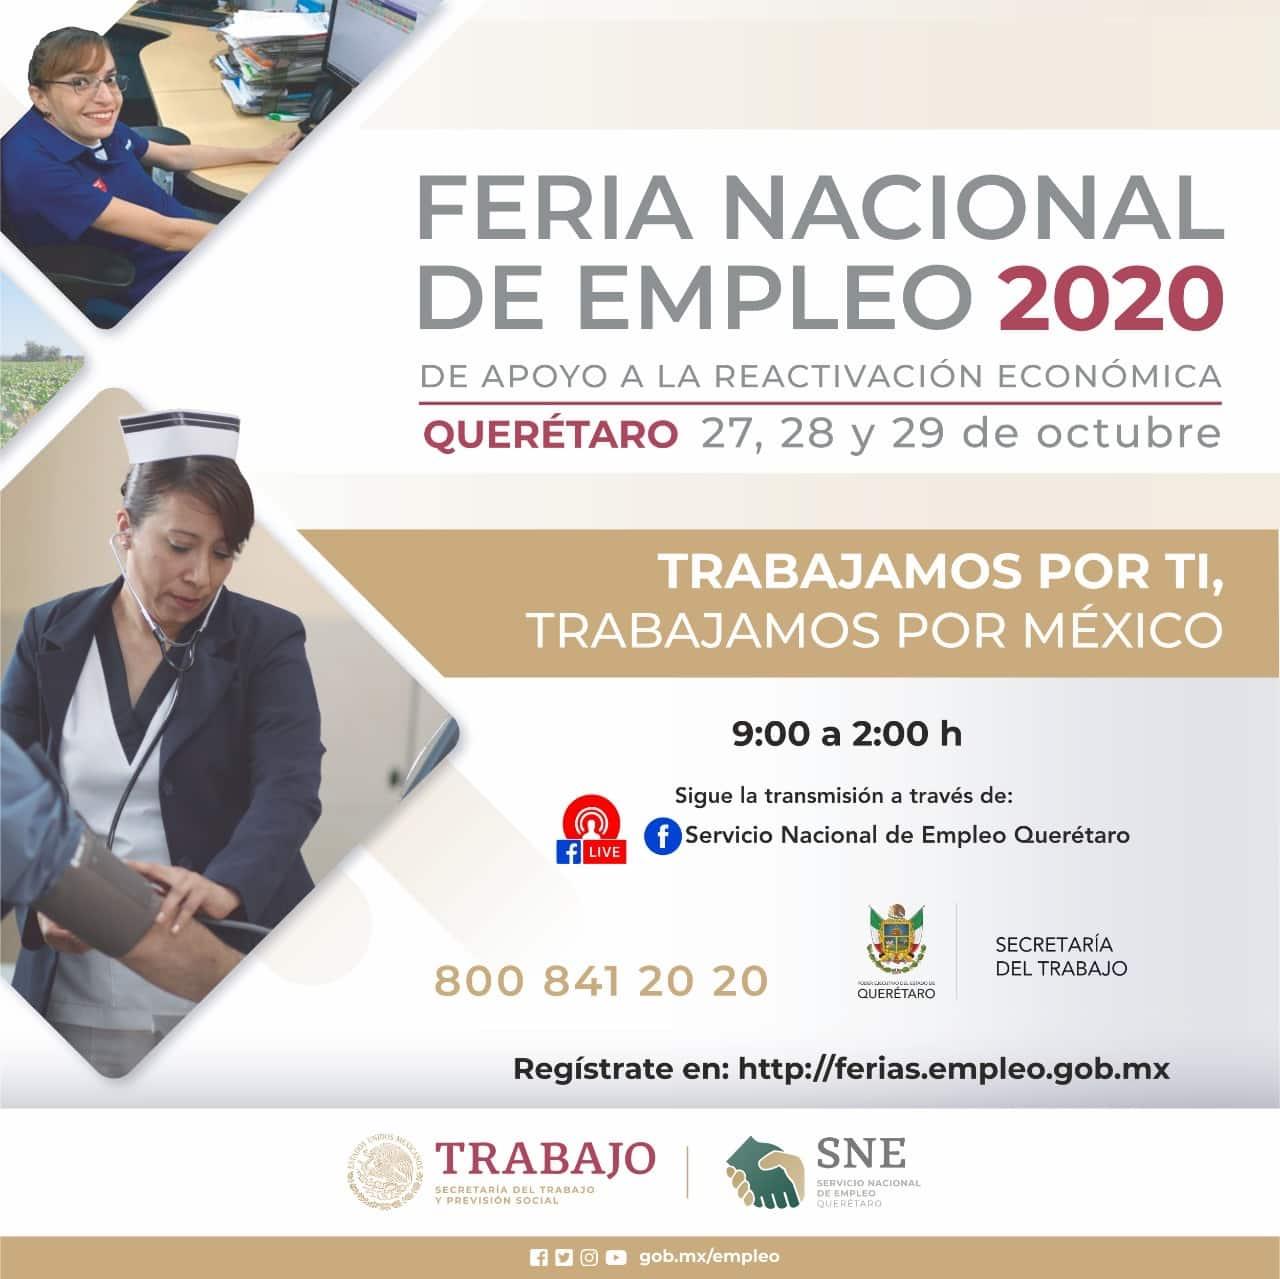 Querétaro participa en Feria Nacional de Empleo 2020